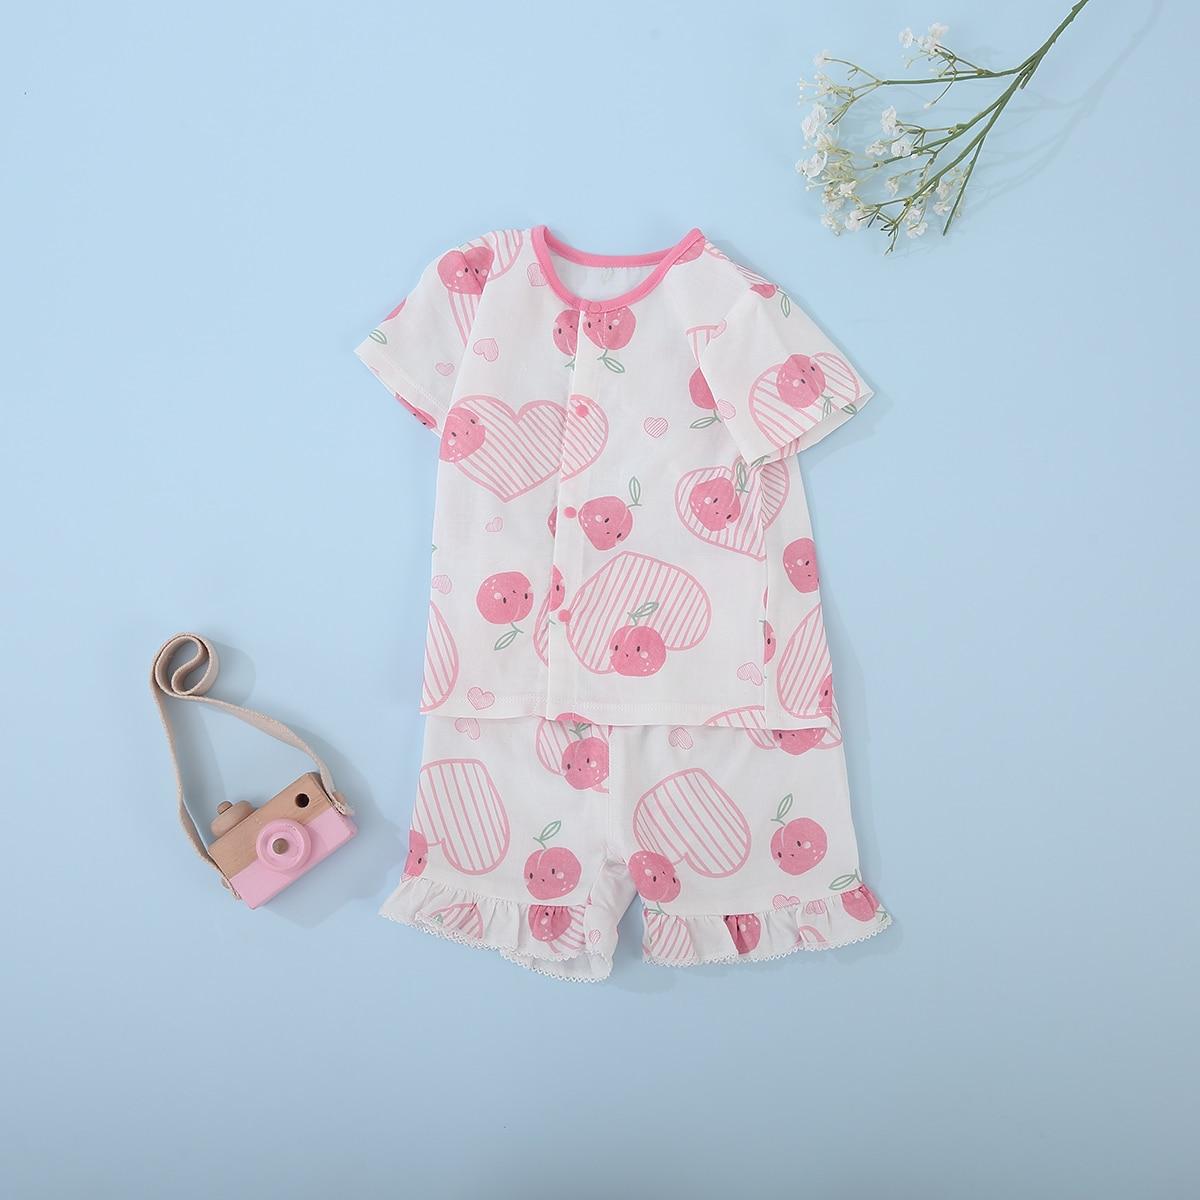 Новинка 2021, комплекты детской летней одежды для мальчиков и девочек, Милая футболка с коротким рукавом и Y-образным вырезом и шорты с героями...